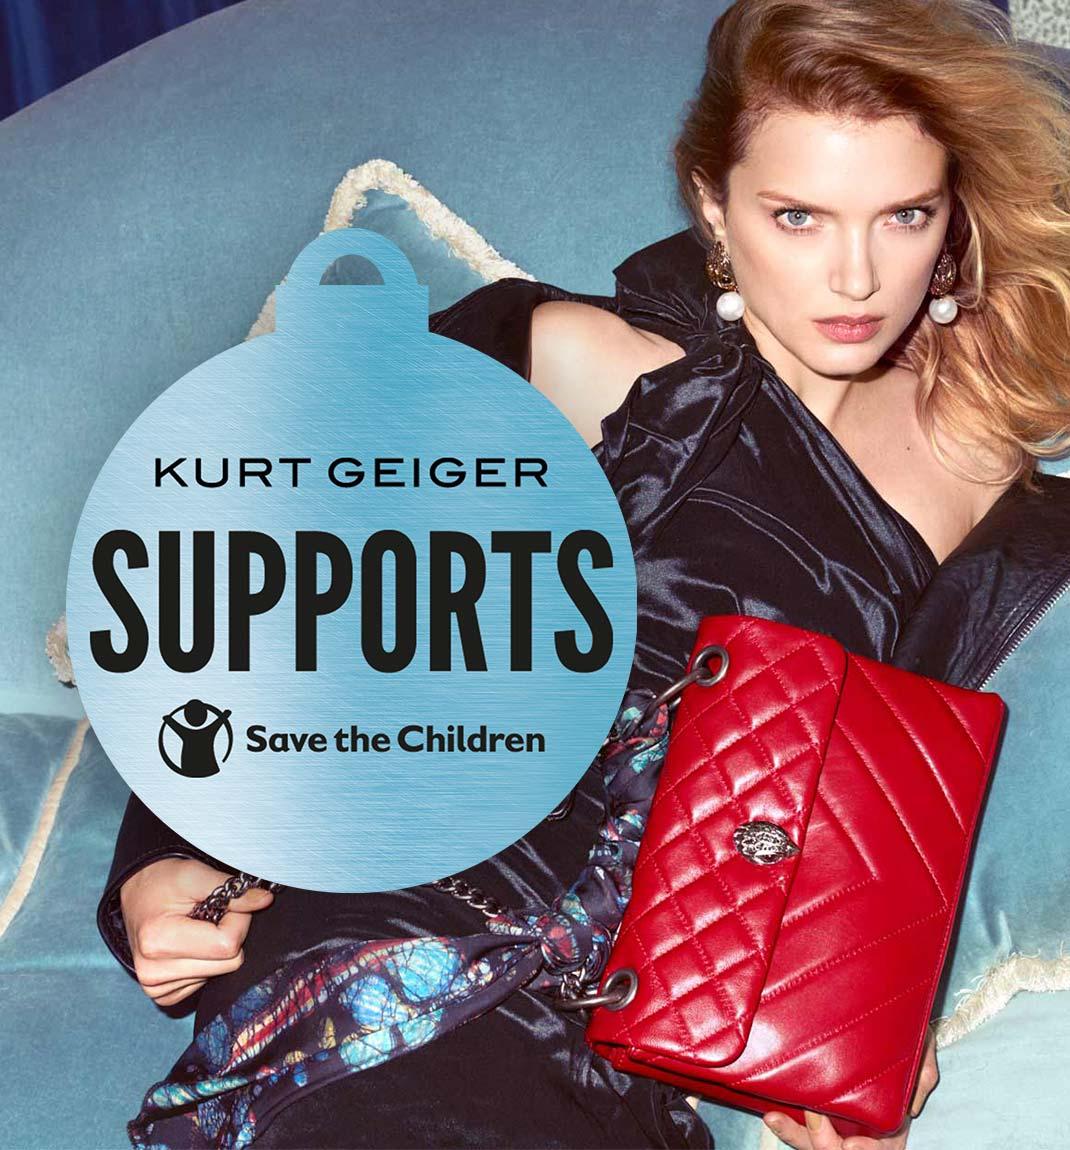 Kurt Geiger Supports Save The Children